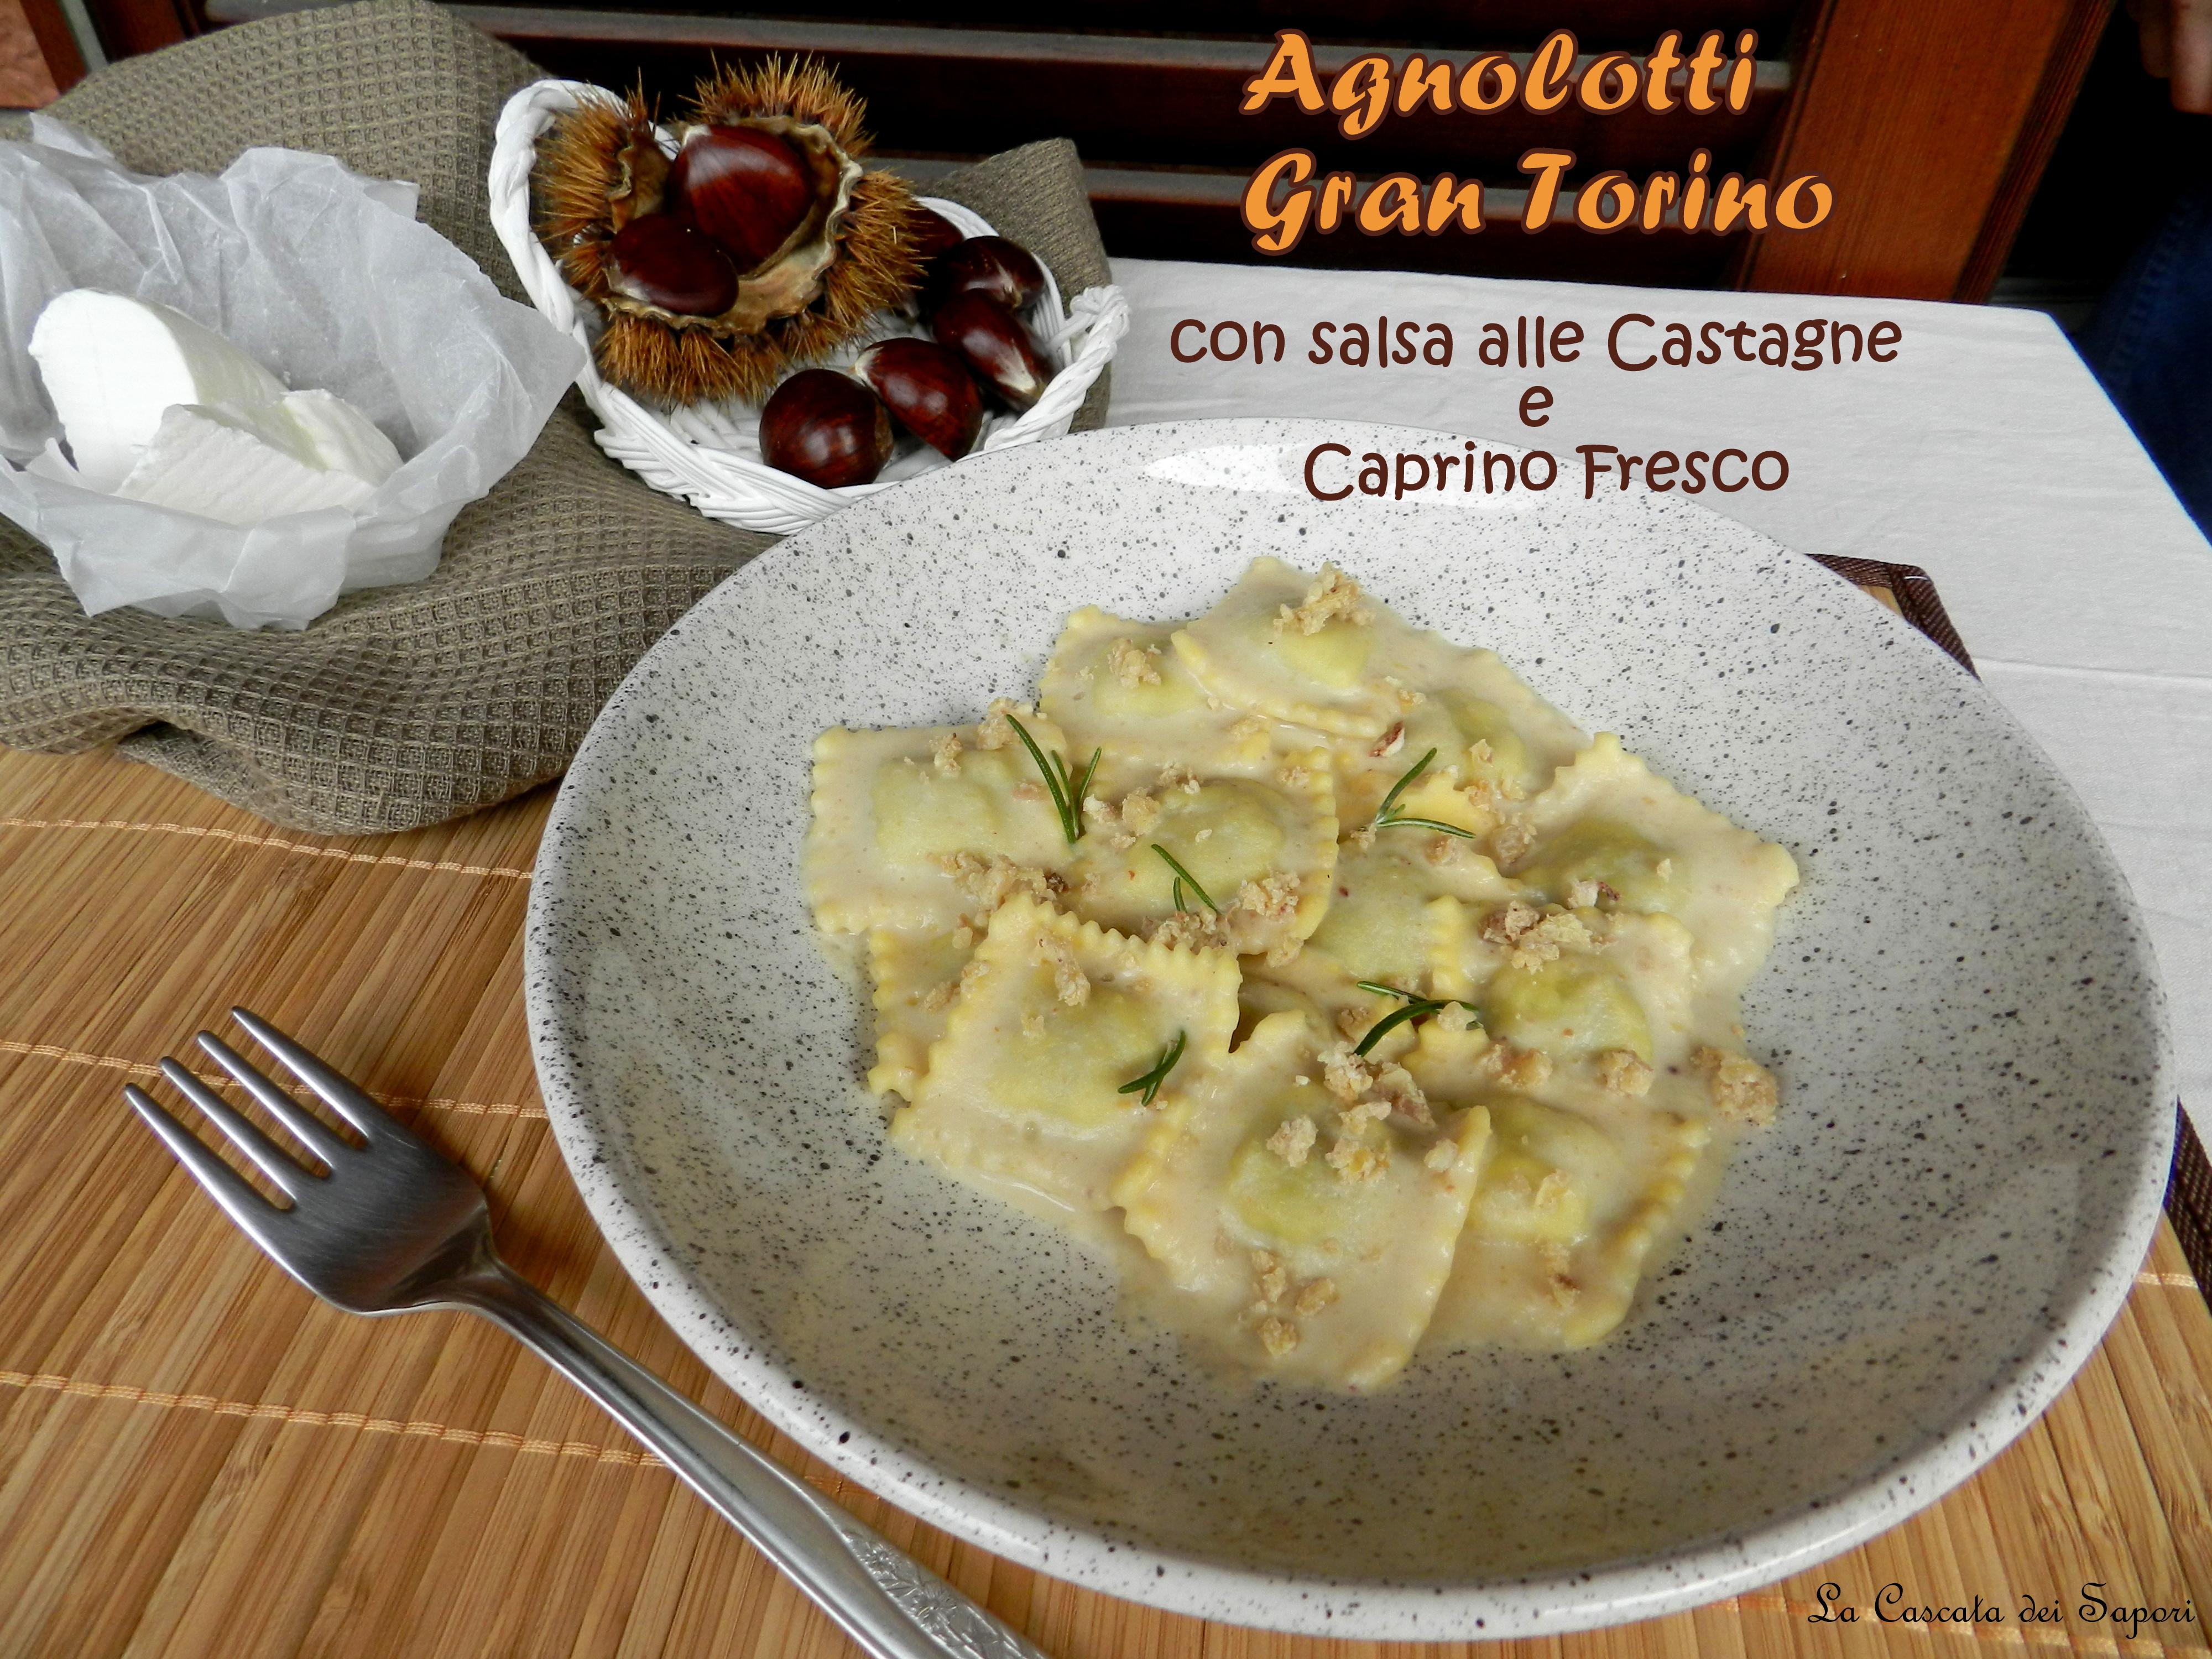 agnolotti-gran-torino-con-salsa-alle-castagne-e-caprino-fresco